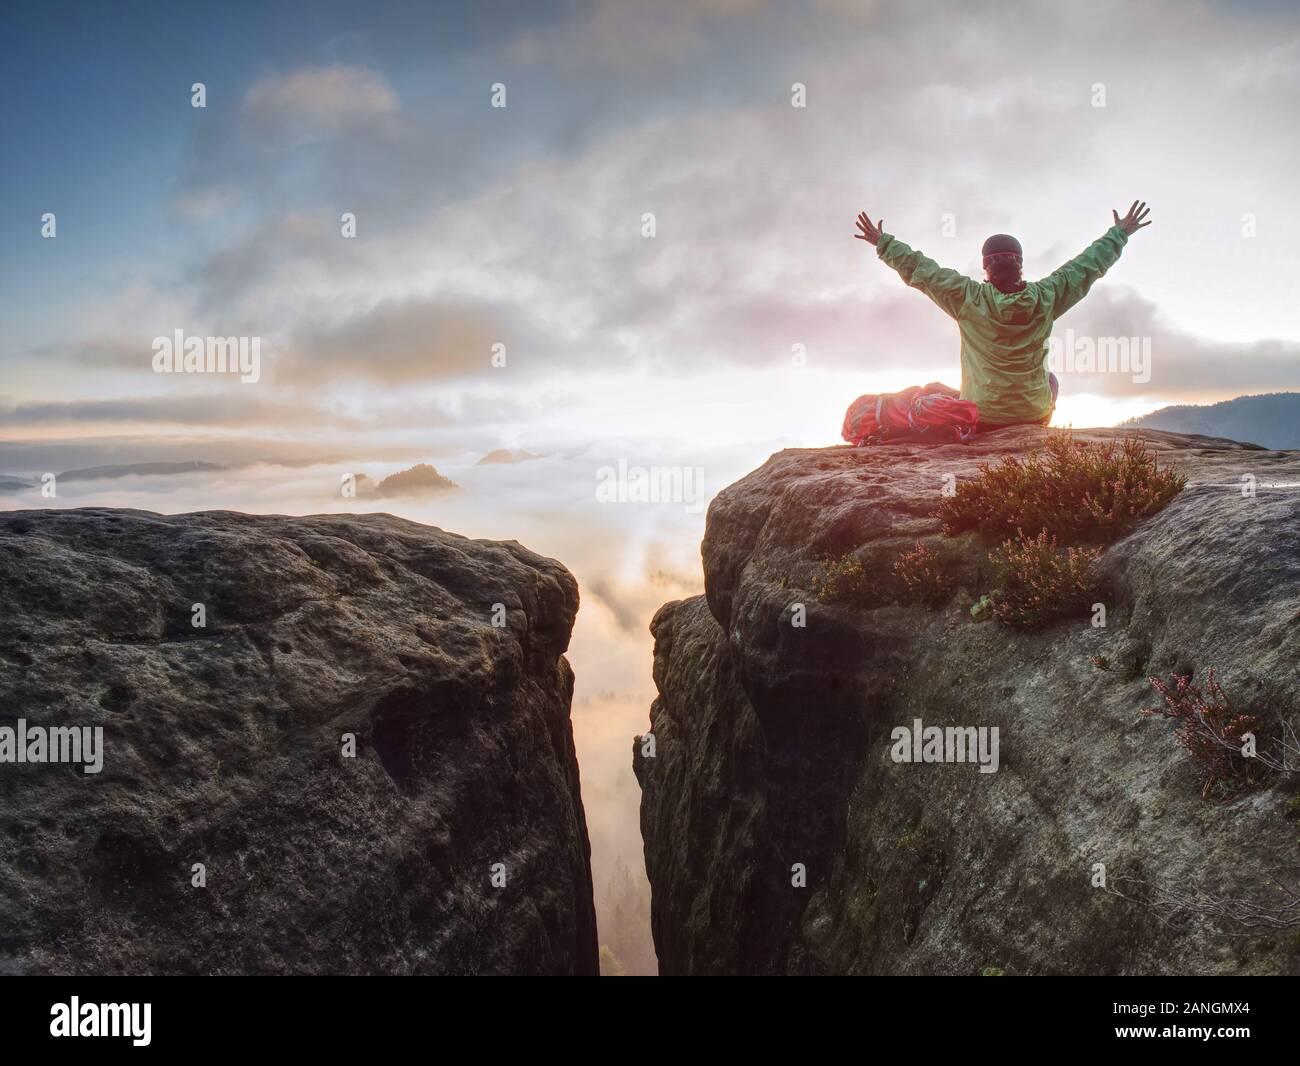 Mujer joven sentarse en la cima de una montaña, celebrar el día. Señorita caminante sentado en azul verde chaqueta con mochila roja sobre sharp cliff Foto de stock